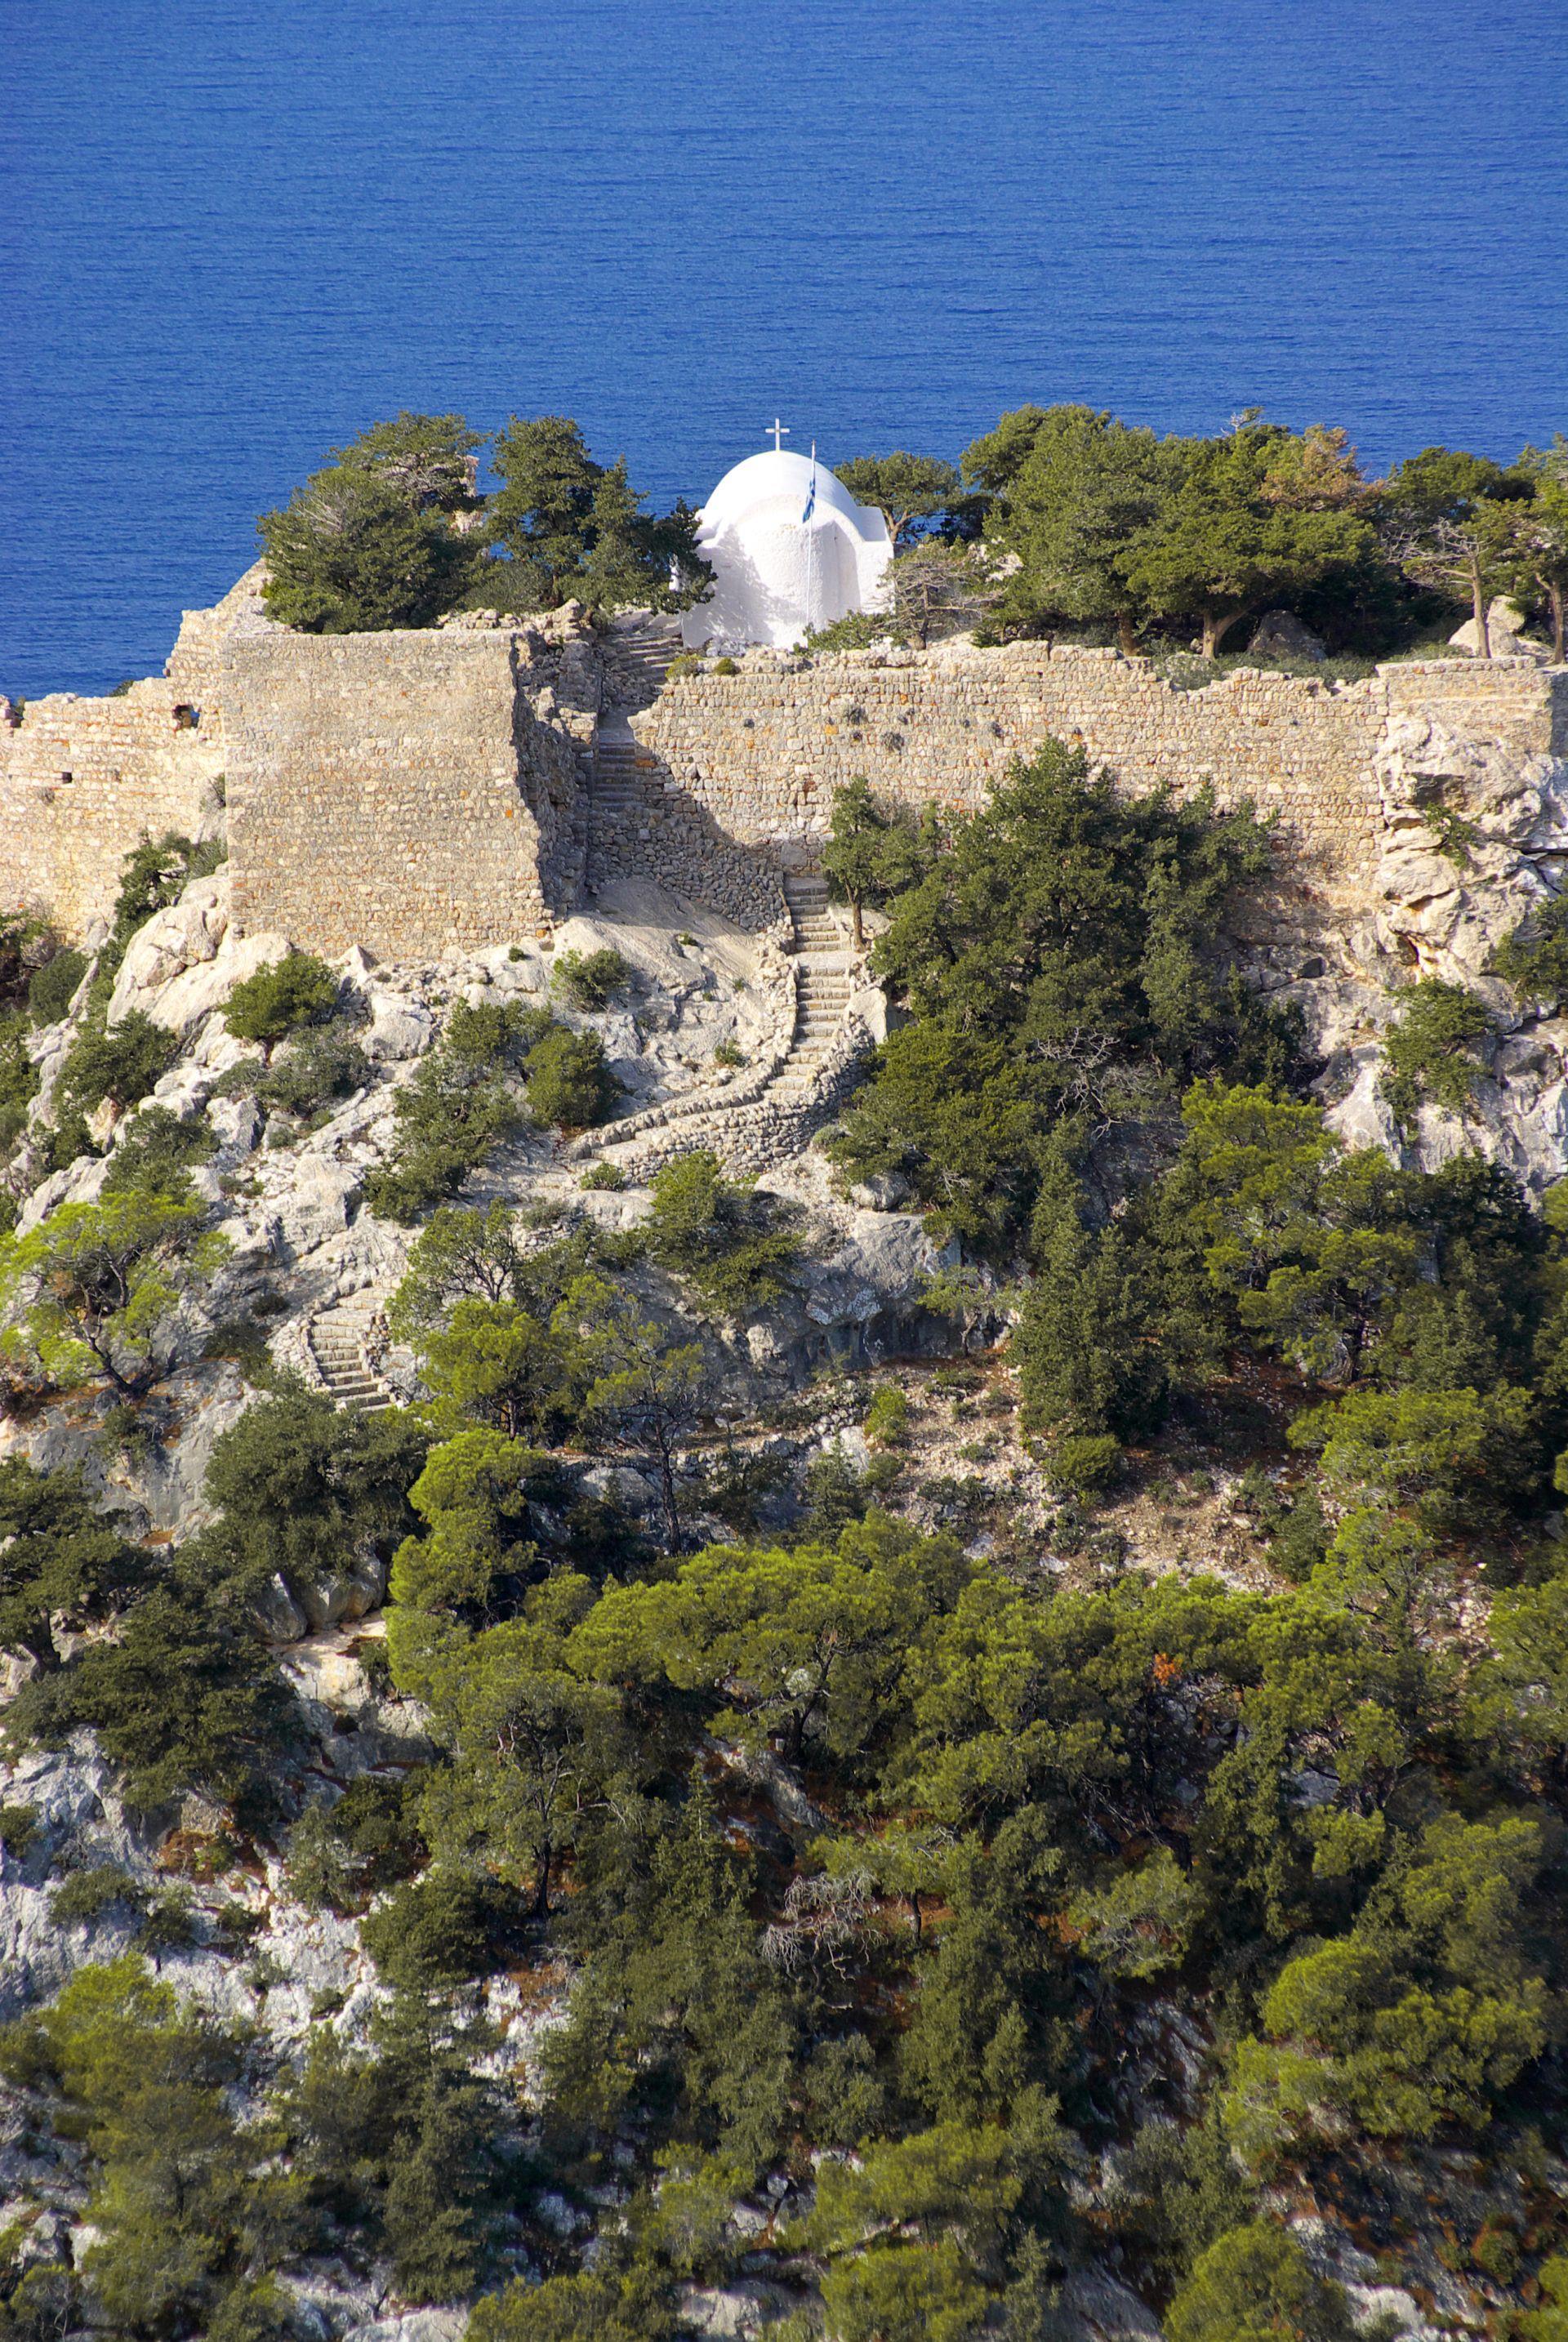 Αποτέλεσμα εικόνας για Μονόλιθος και το κάστρο του